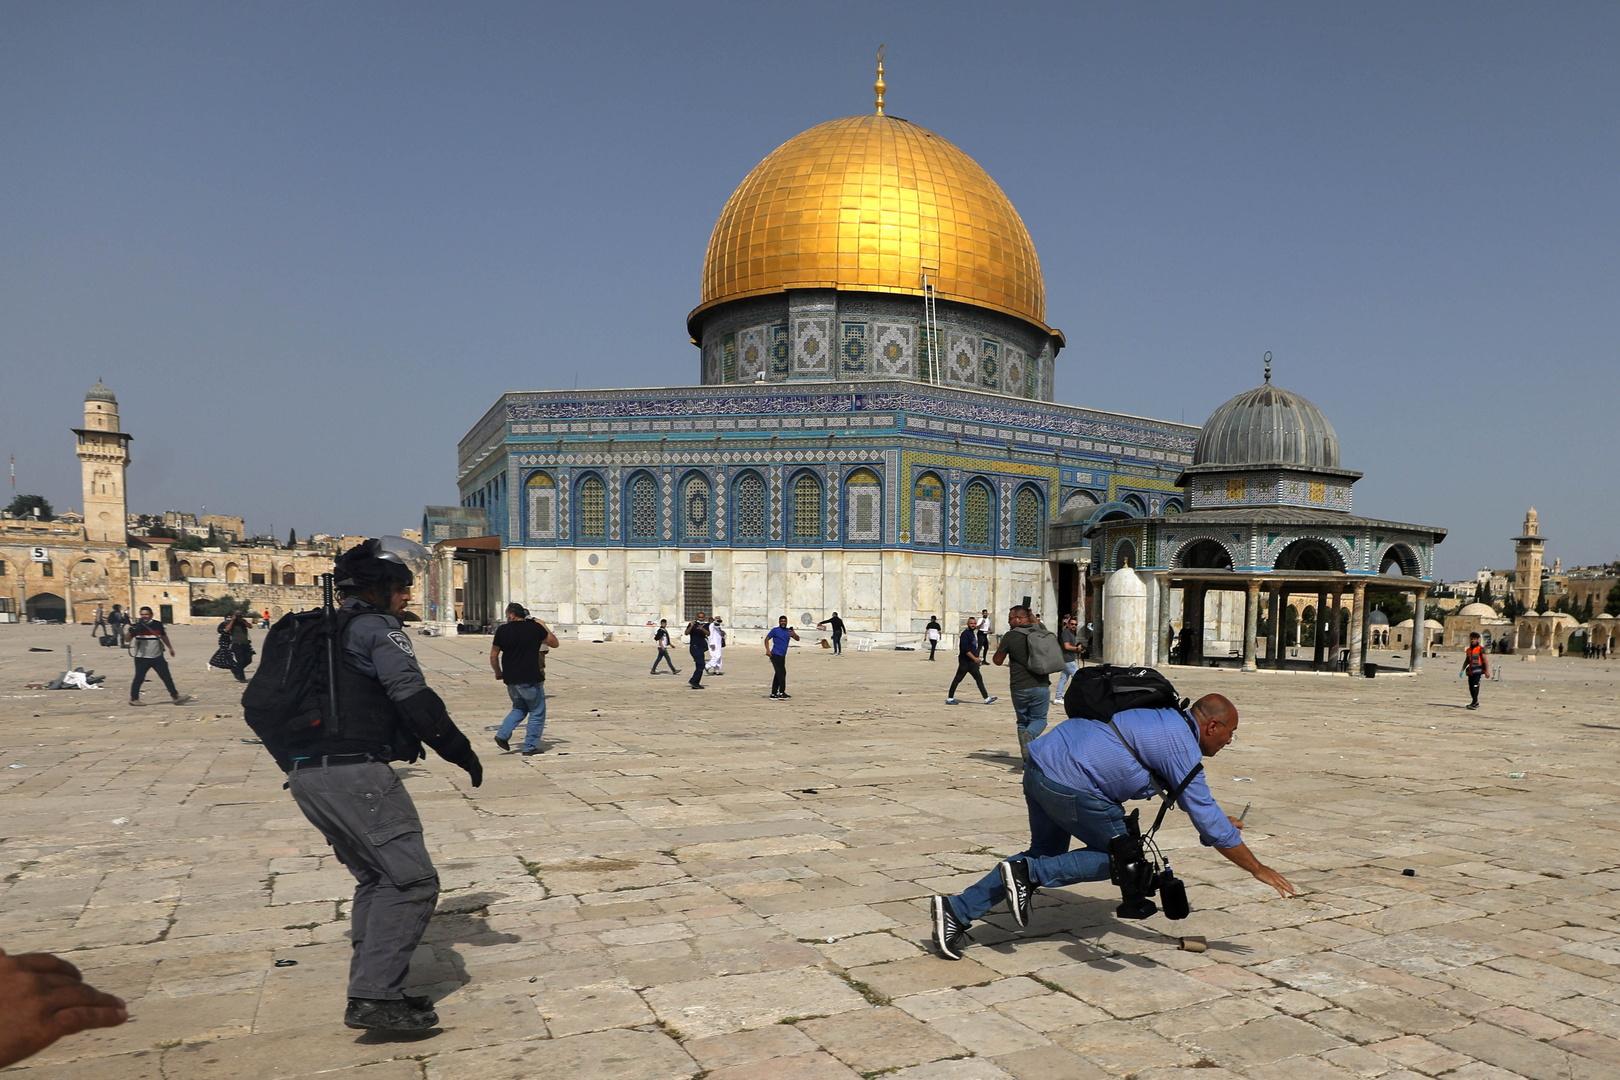 الخارجية الفلسطينية تطالب مجلس الأمن بتوفير الحماية الدولية للشعب الفلسطيني